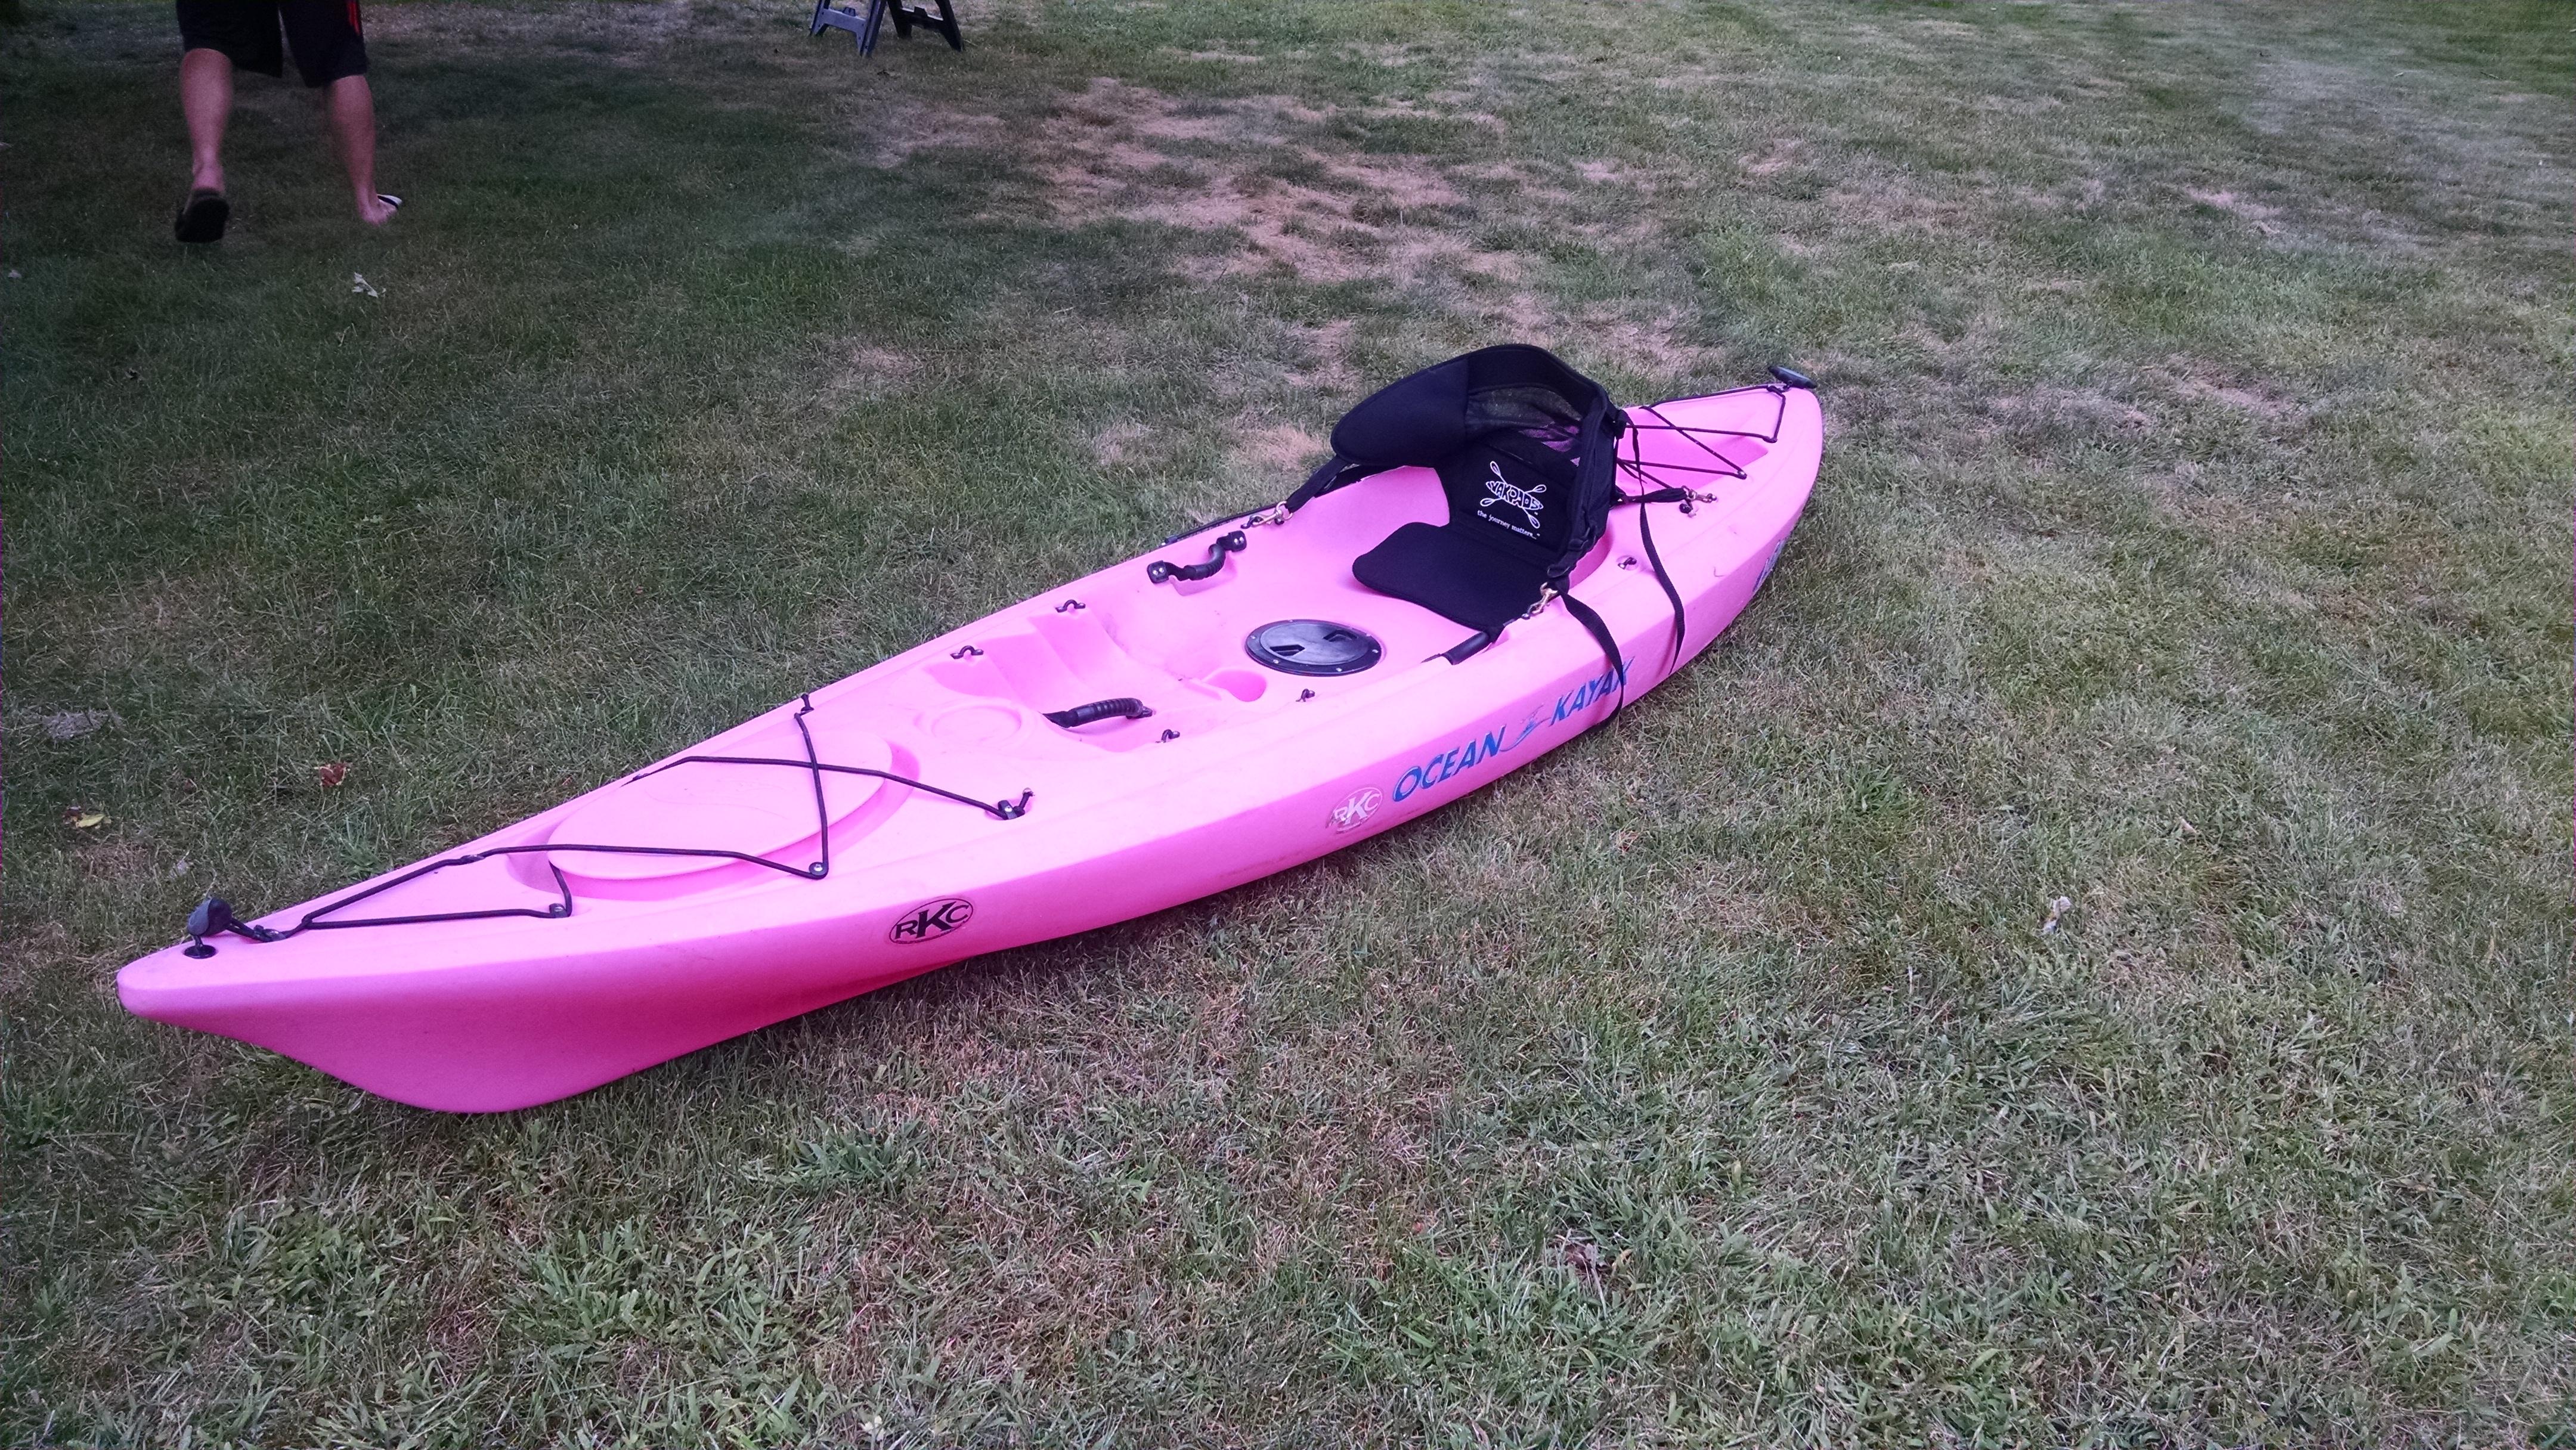 Ocean Kayak For Sale >> Ocean Kayak Venus 11 Sot Kayak For Sale Michigan Sportsman